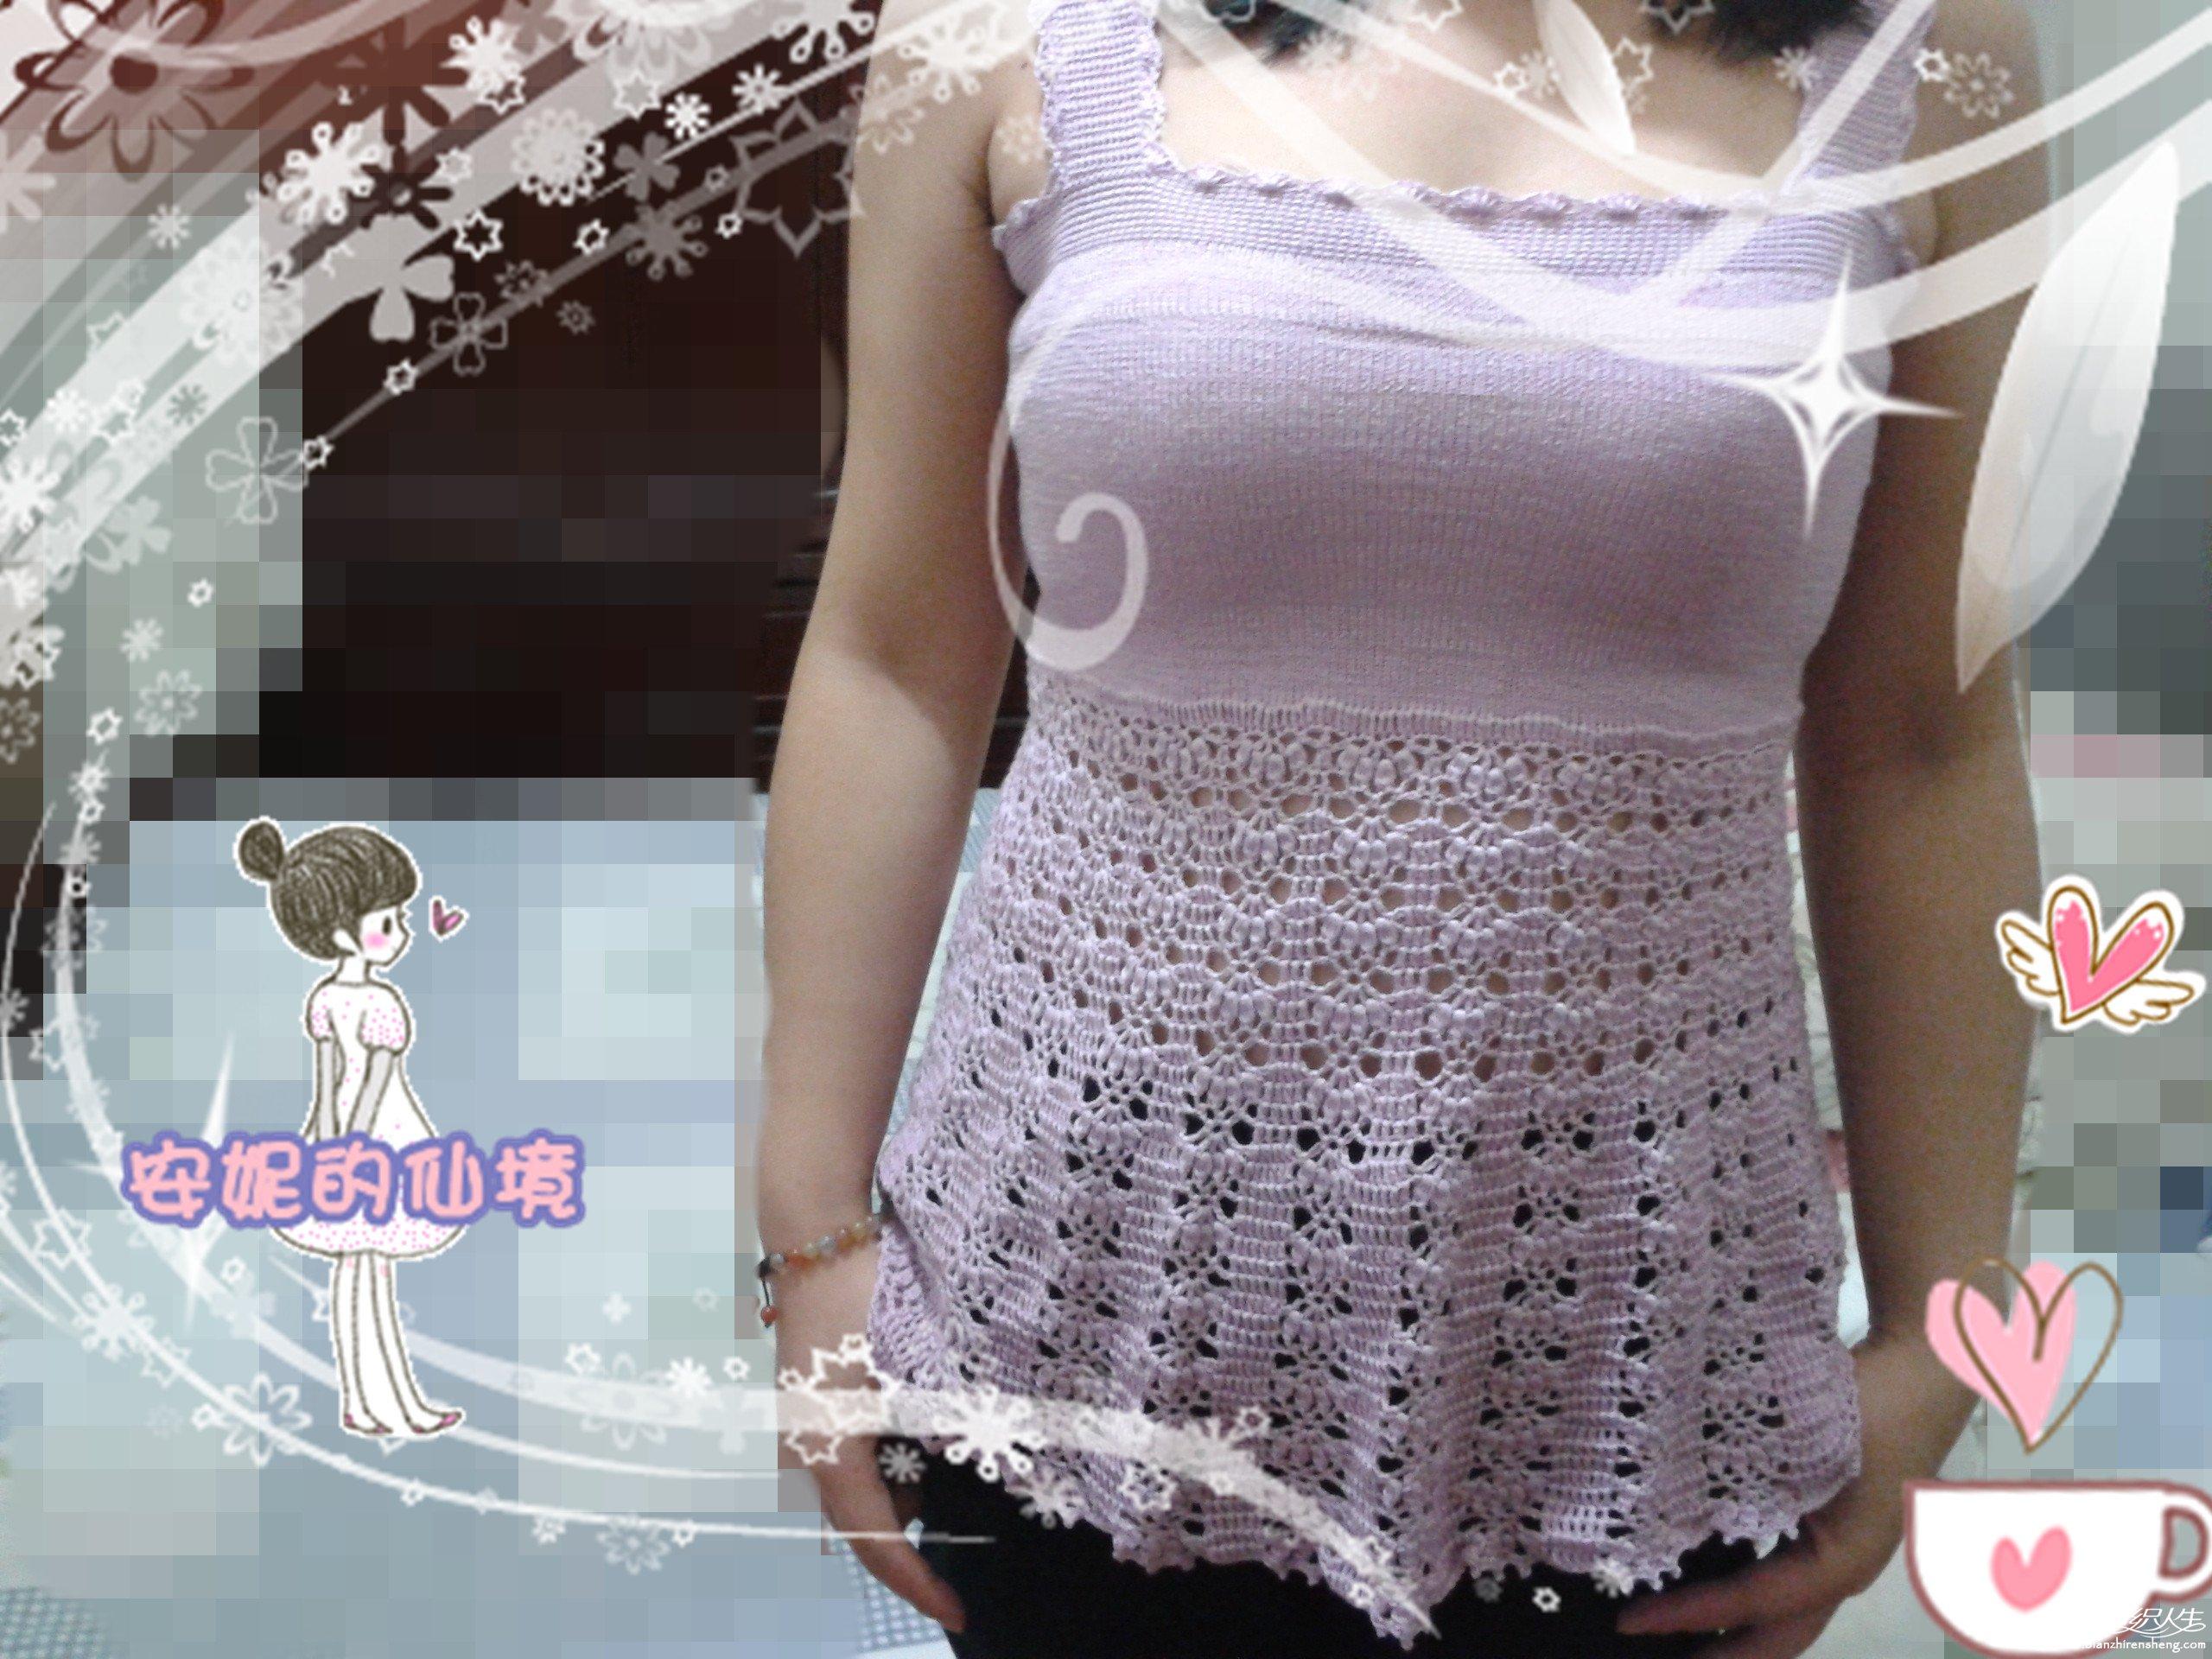 粉紫珠帘-秀GOLO.jpg